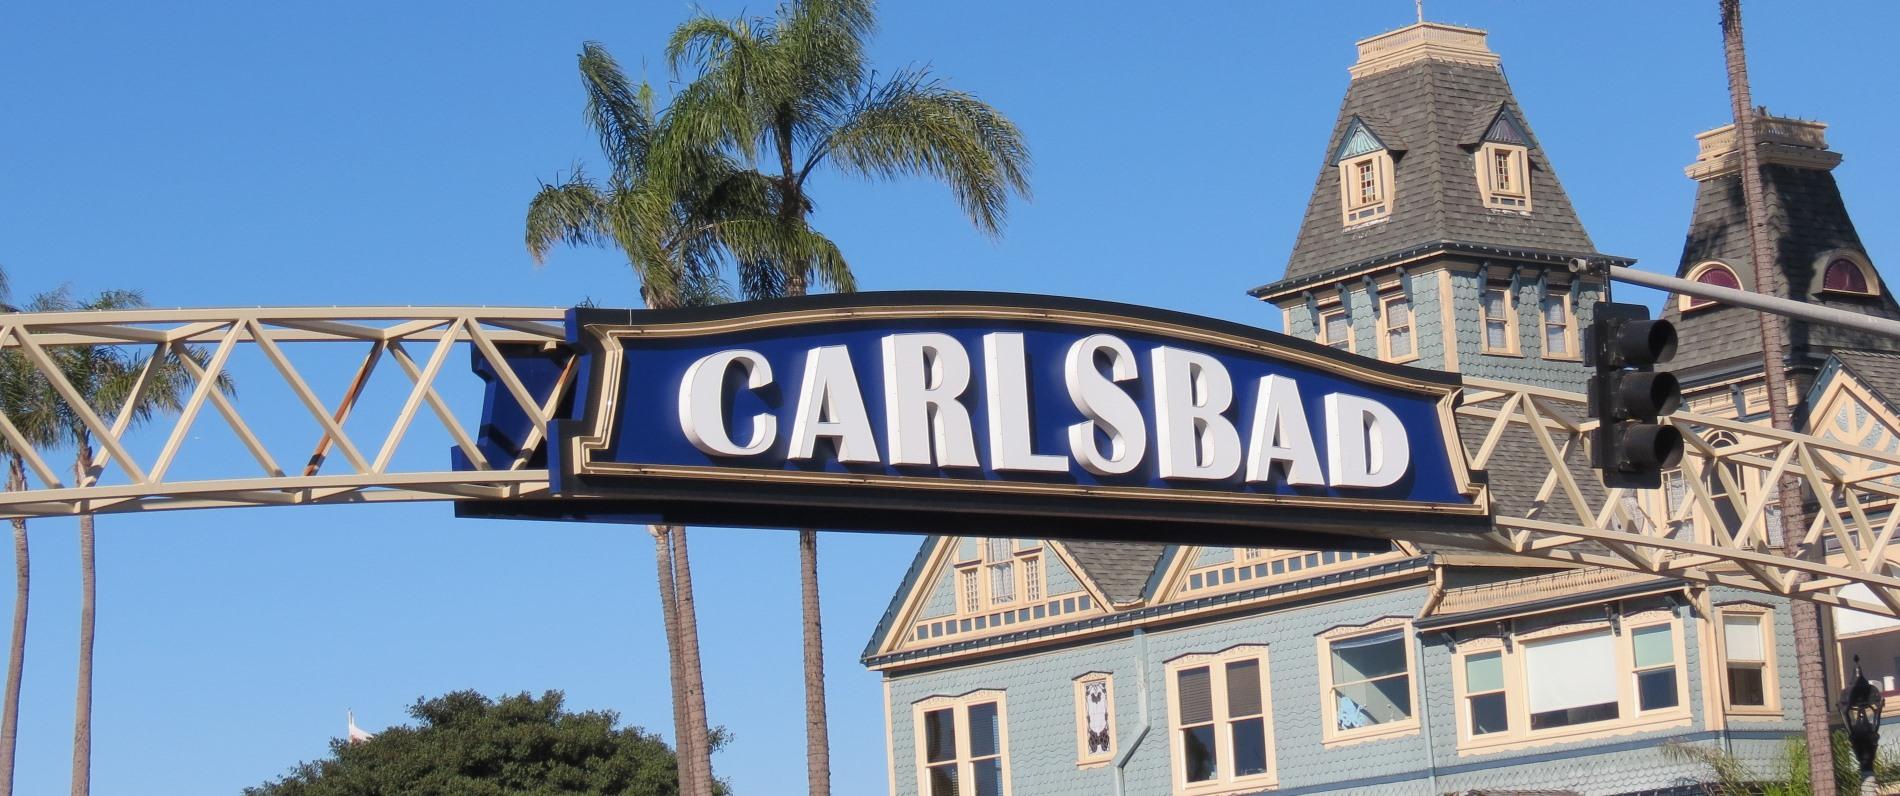 Carlsbad Sign, Historical Walking Tour, Carlsbad, CA